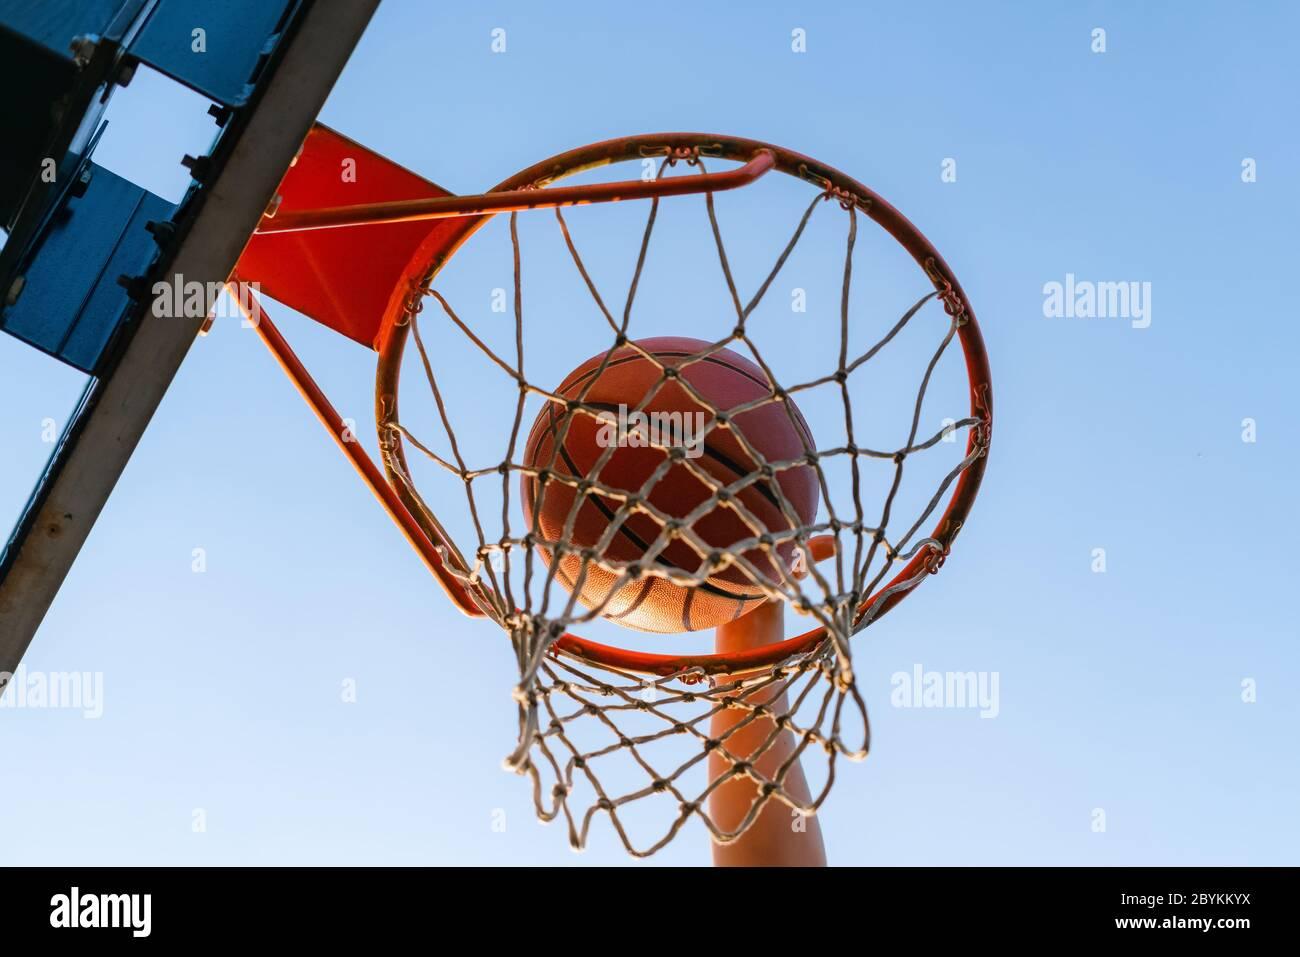 Street Basketball Slam Dunk Wettbewerb. Nahaufnahme des Balls, der in den Reifen fällt. Urban Jugend Spiel. Konzept des Erfolgs, Punkte sammeln und gewinnen Stockfoto